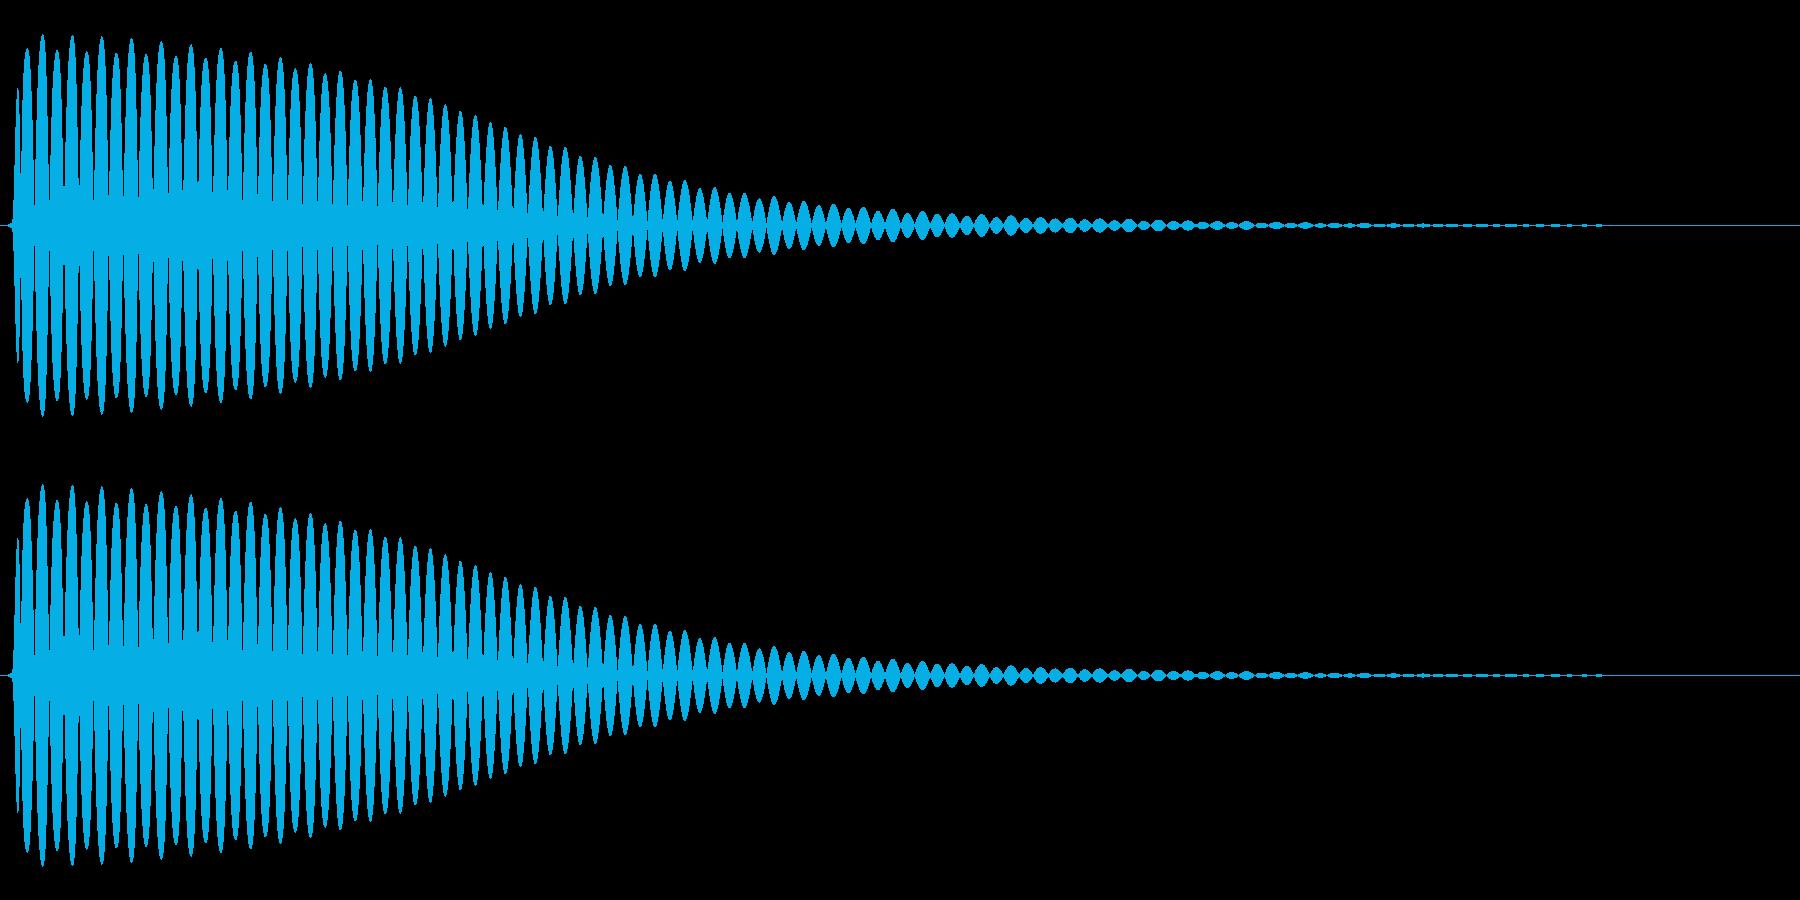 Com ファミコンなどのコマンド音 3の再生済みの波形